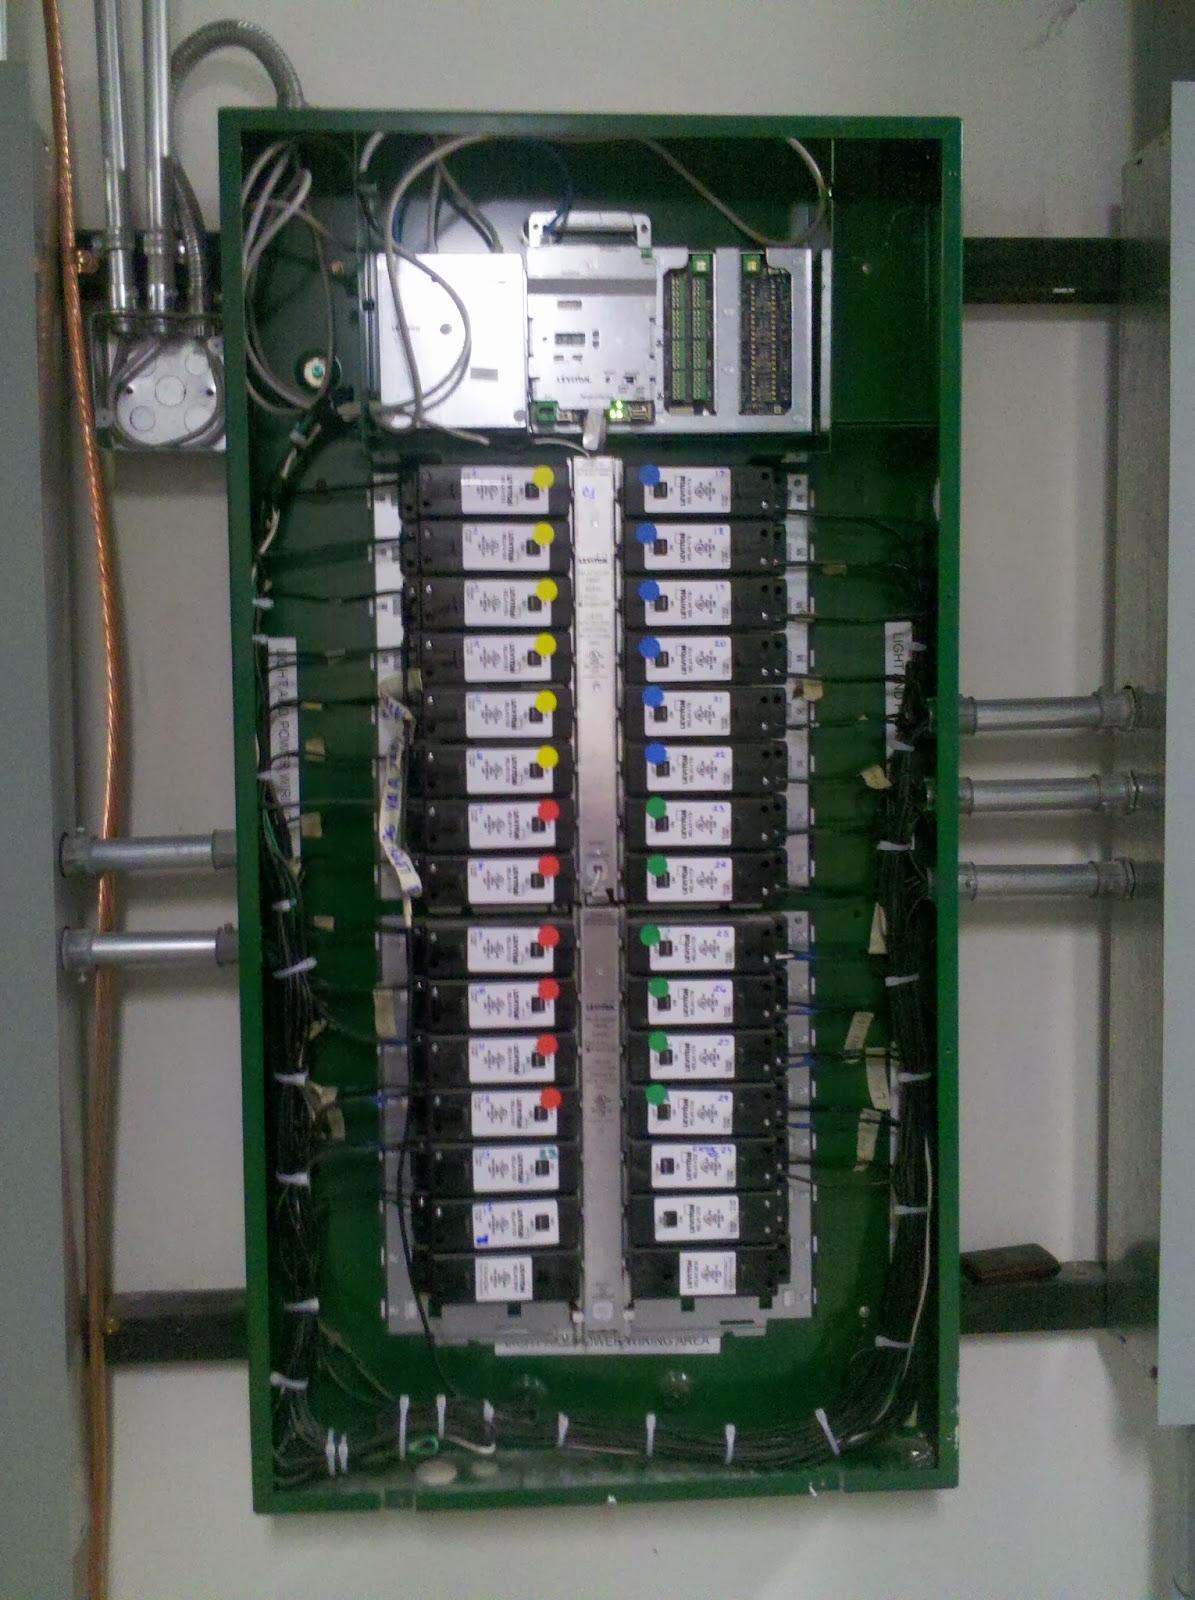 Selepac Electricidad  Tablero De Iluminacion Green Max